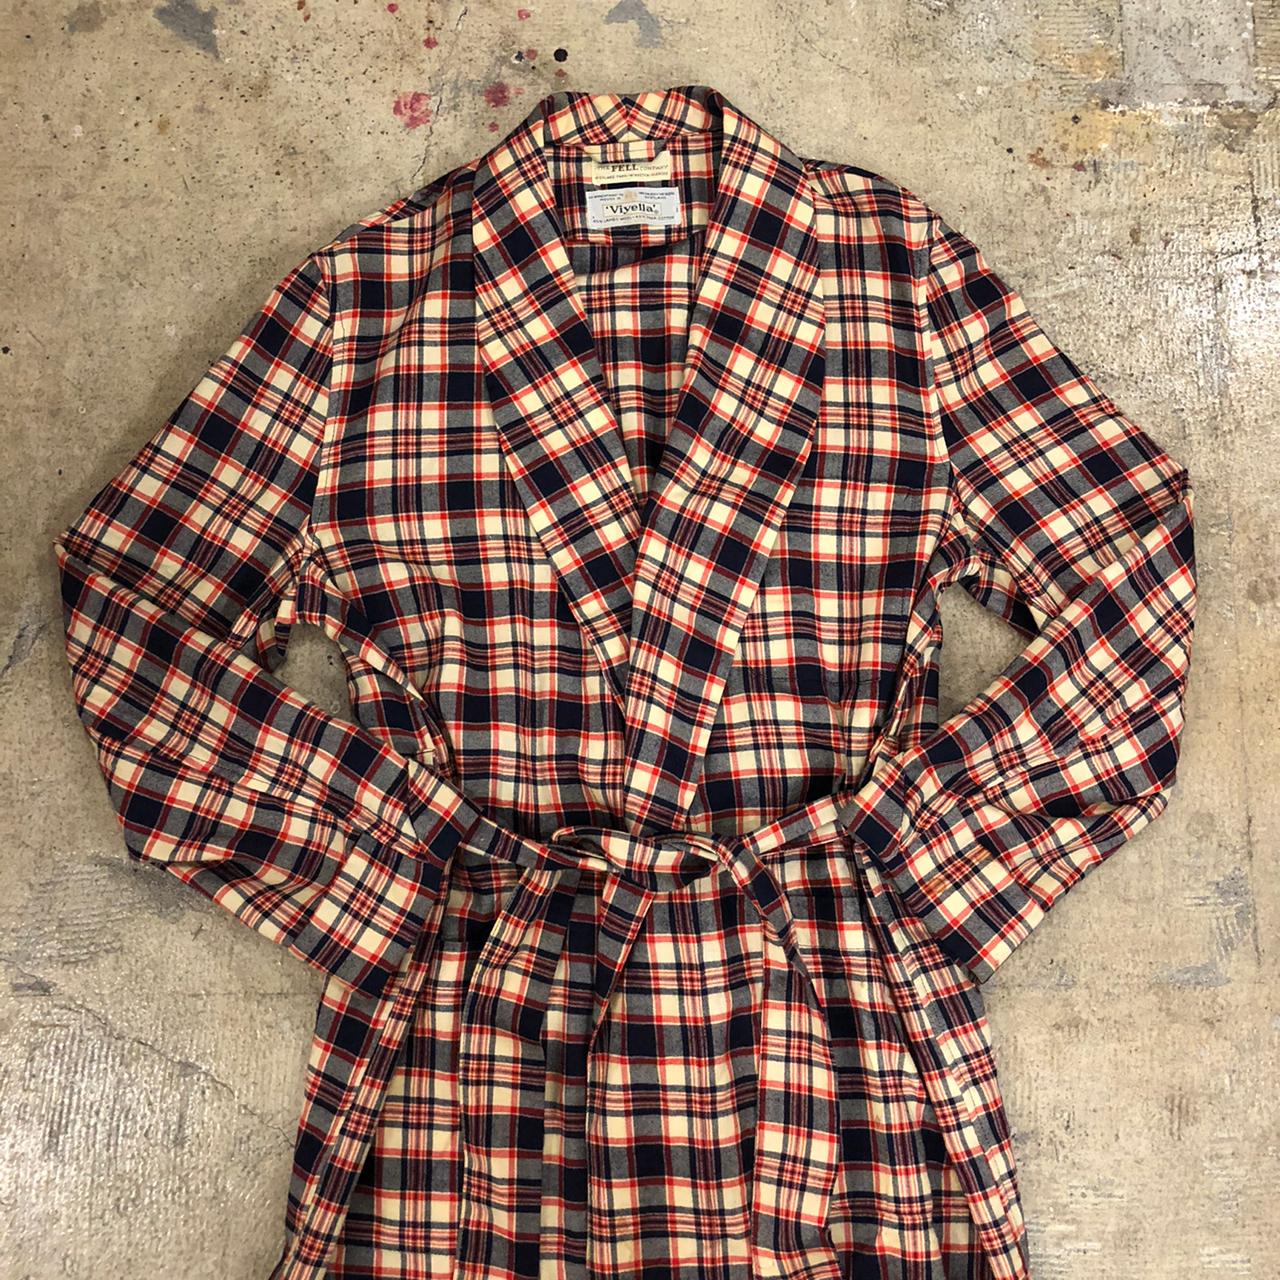 Viyella Plaid Gown ¥8,200+tax